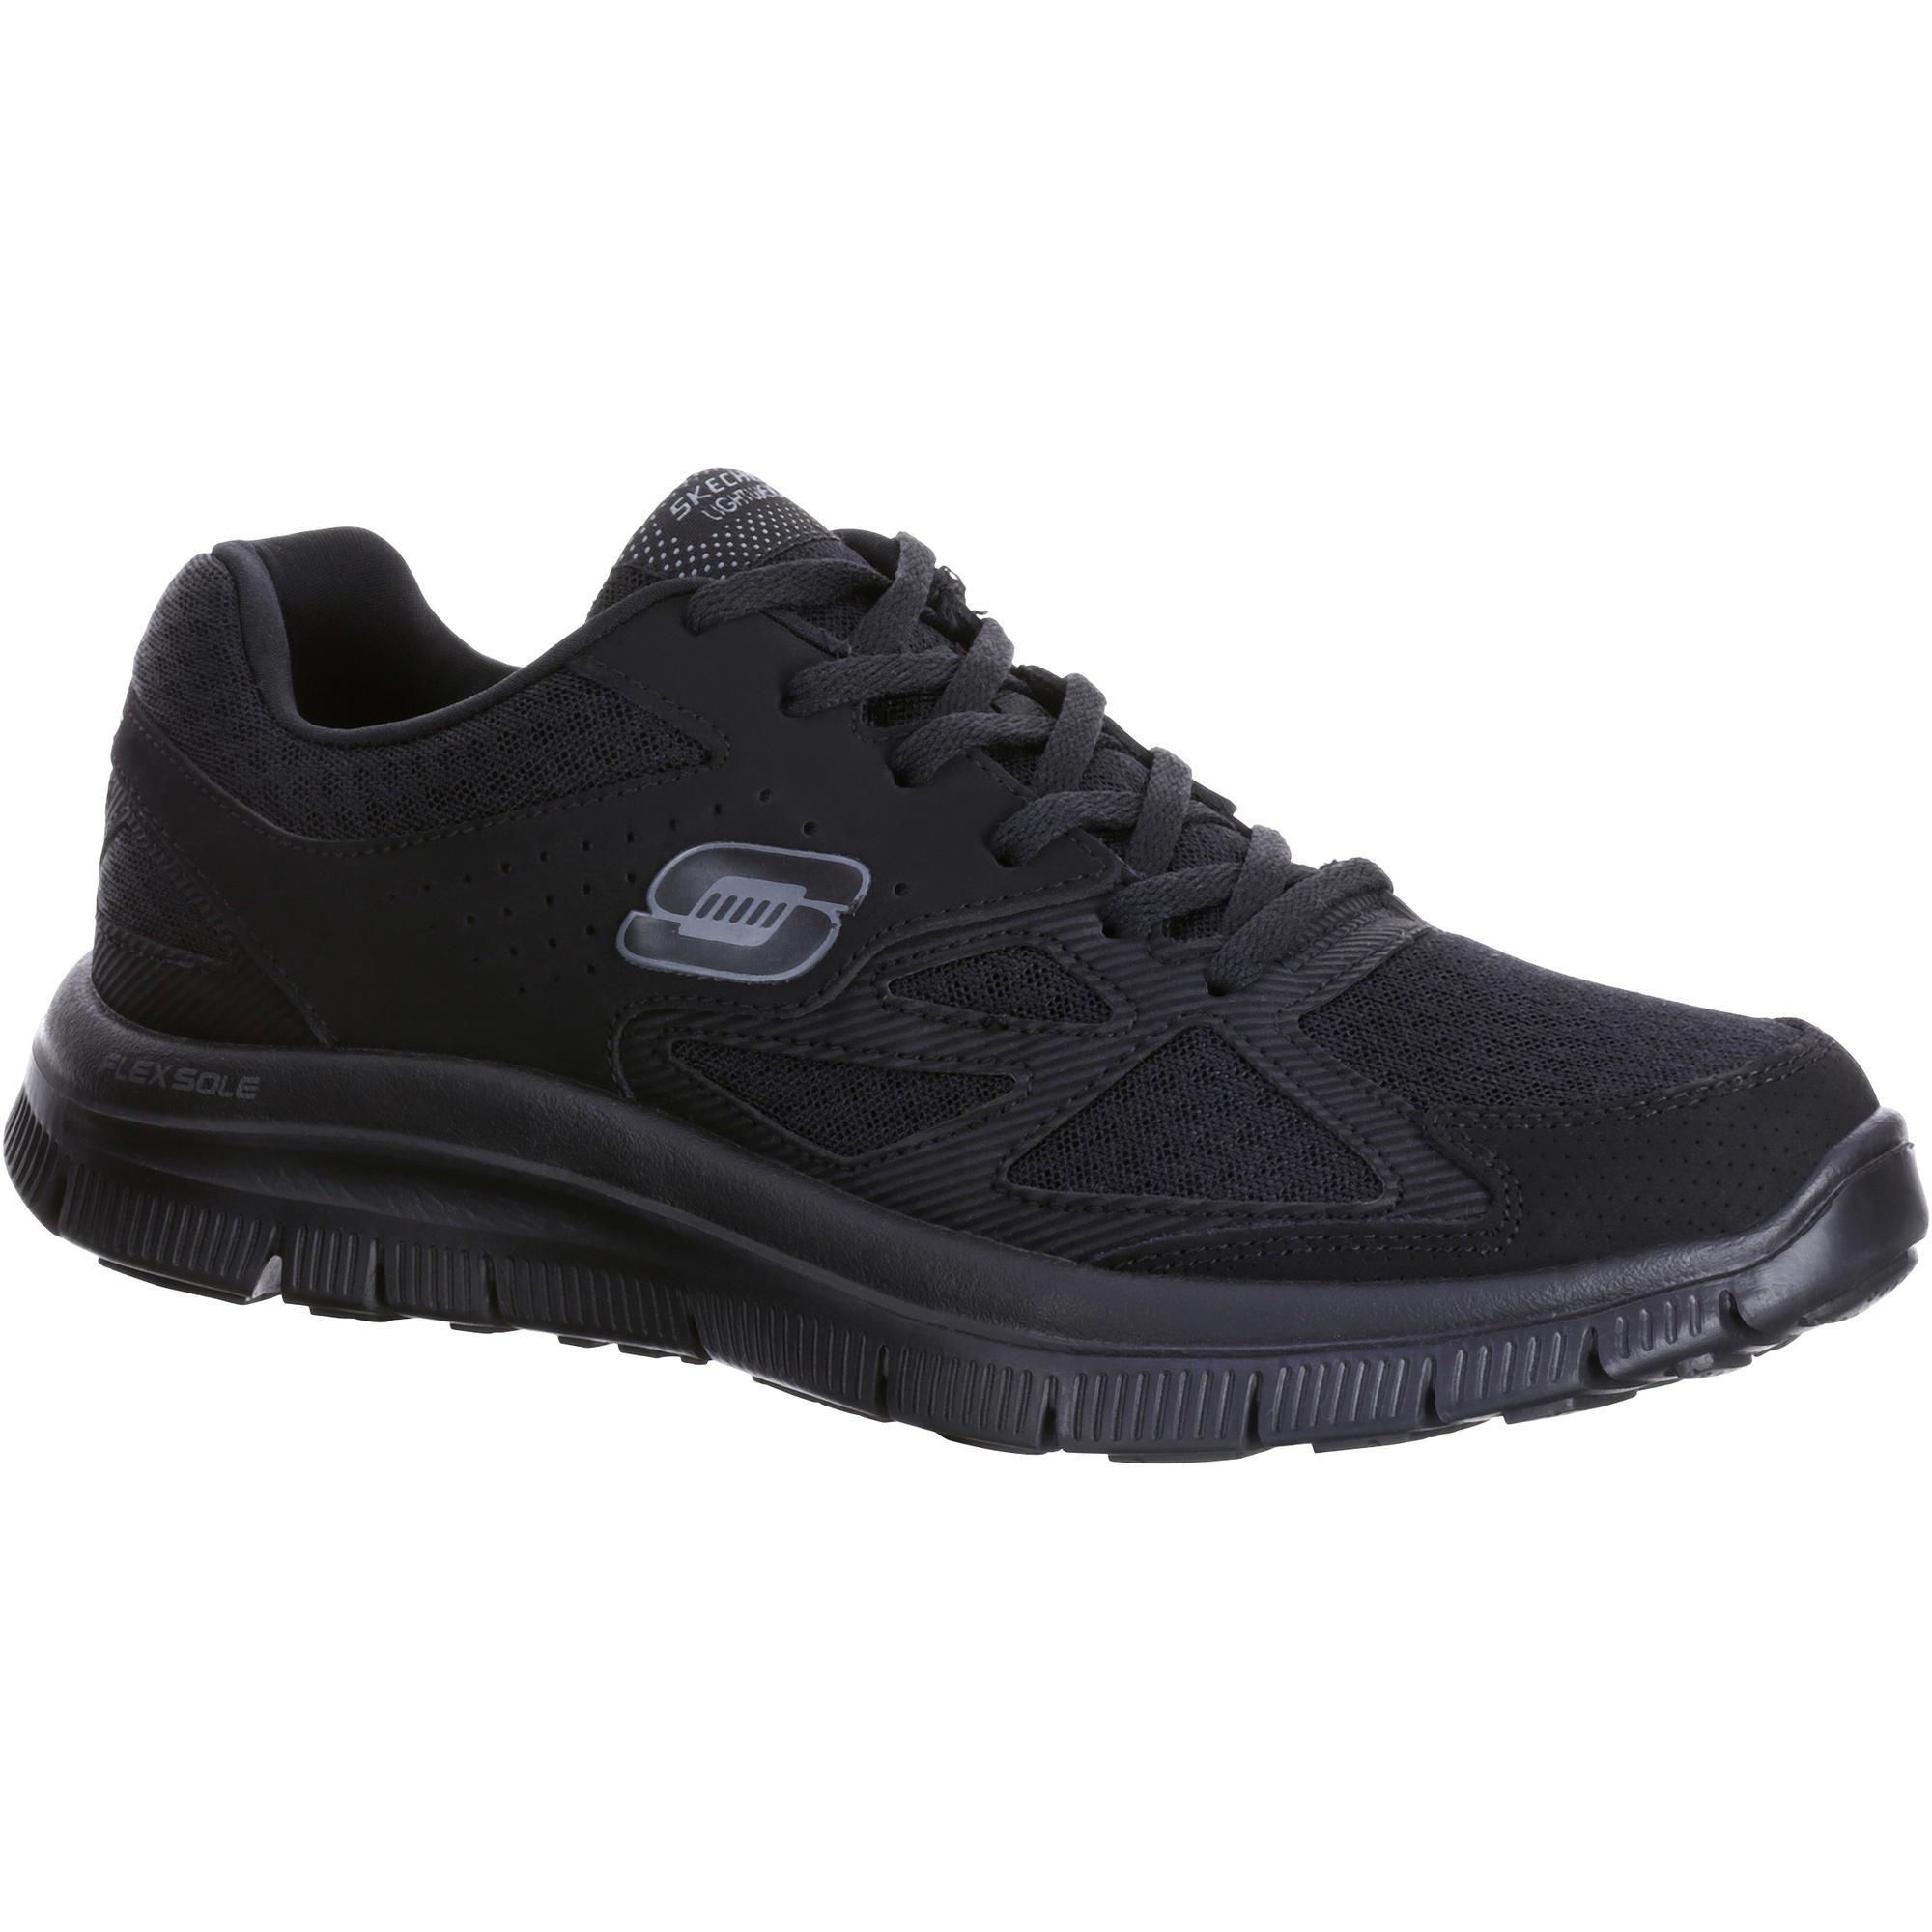 016cbb243bf Comprar Zapatillas de Caminar para Hombre Online | Decathlon